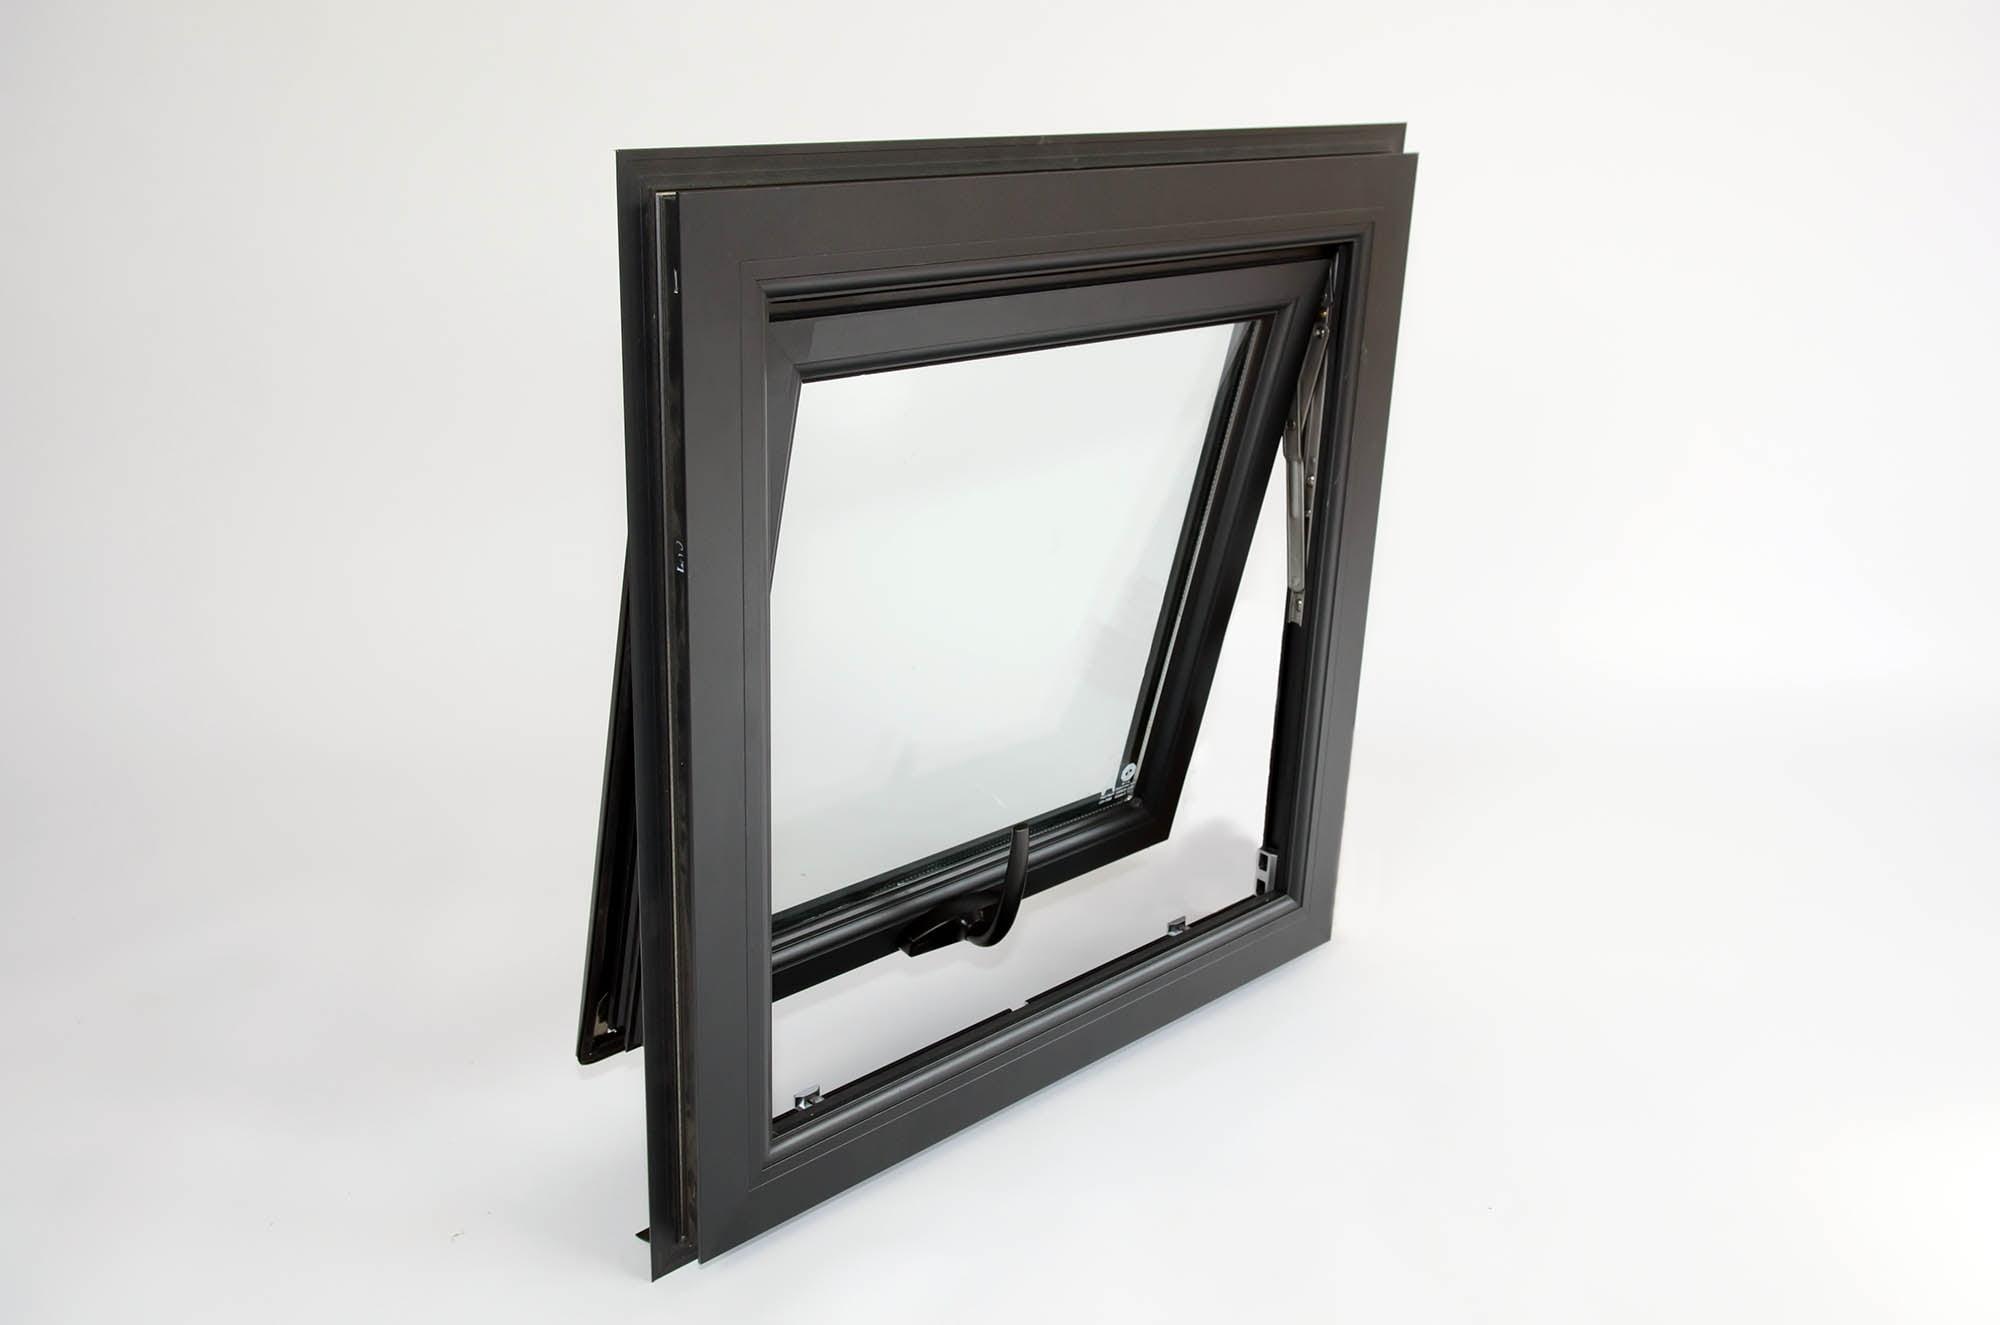 окна из алюминиевого профиля10